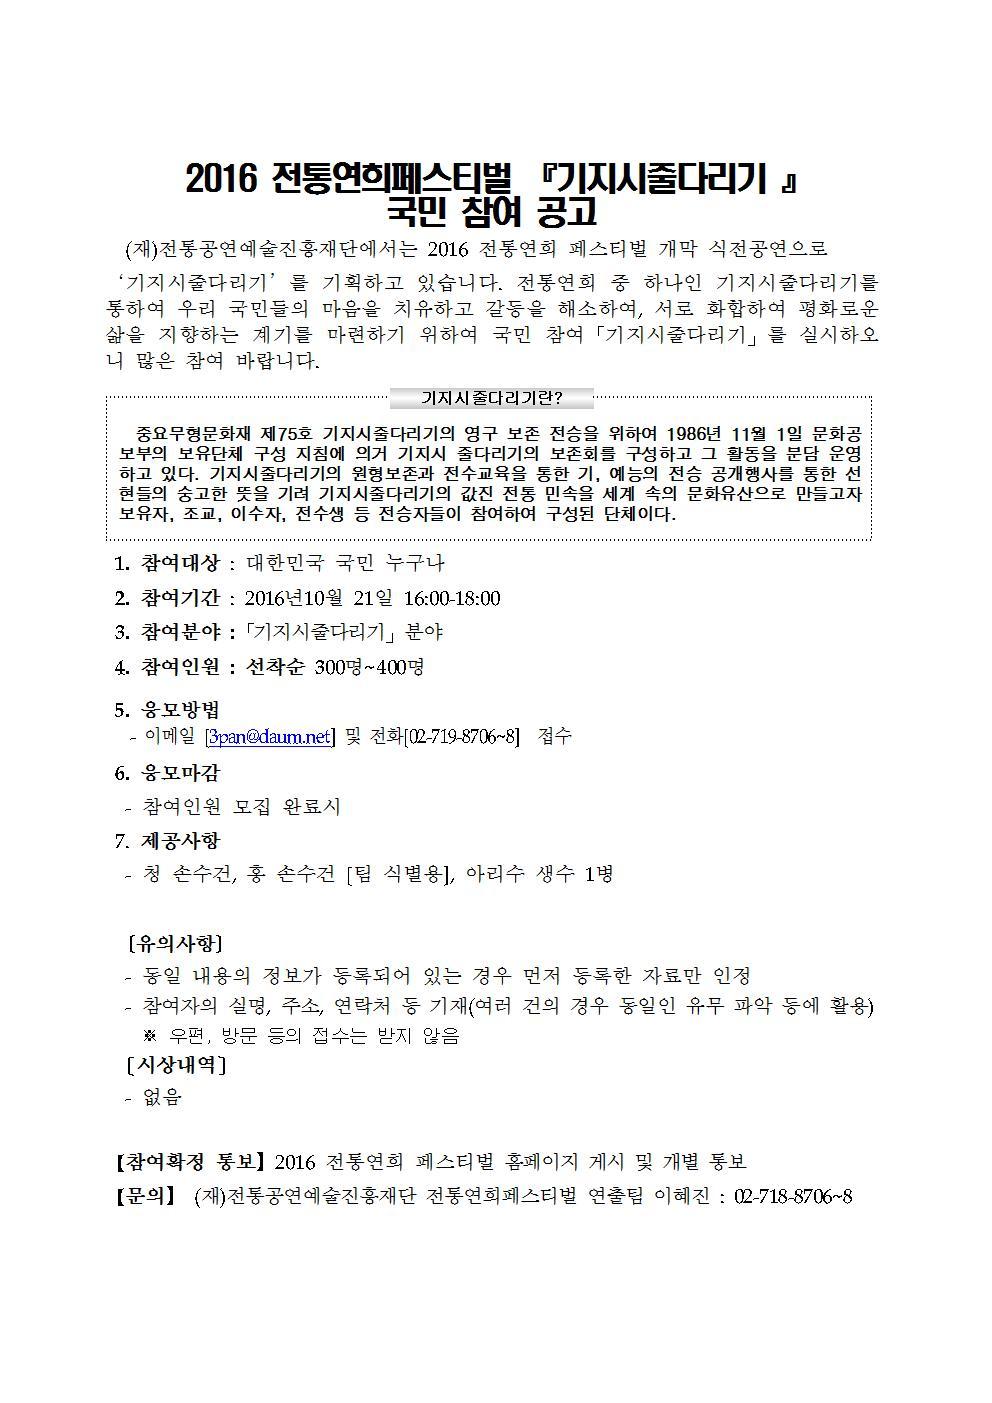 2016 전통연희 페스티벌 개막 식전공연 기지시줄다리기 국민참여 공고문_2001.jpg